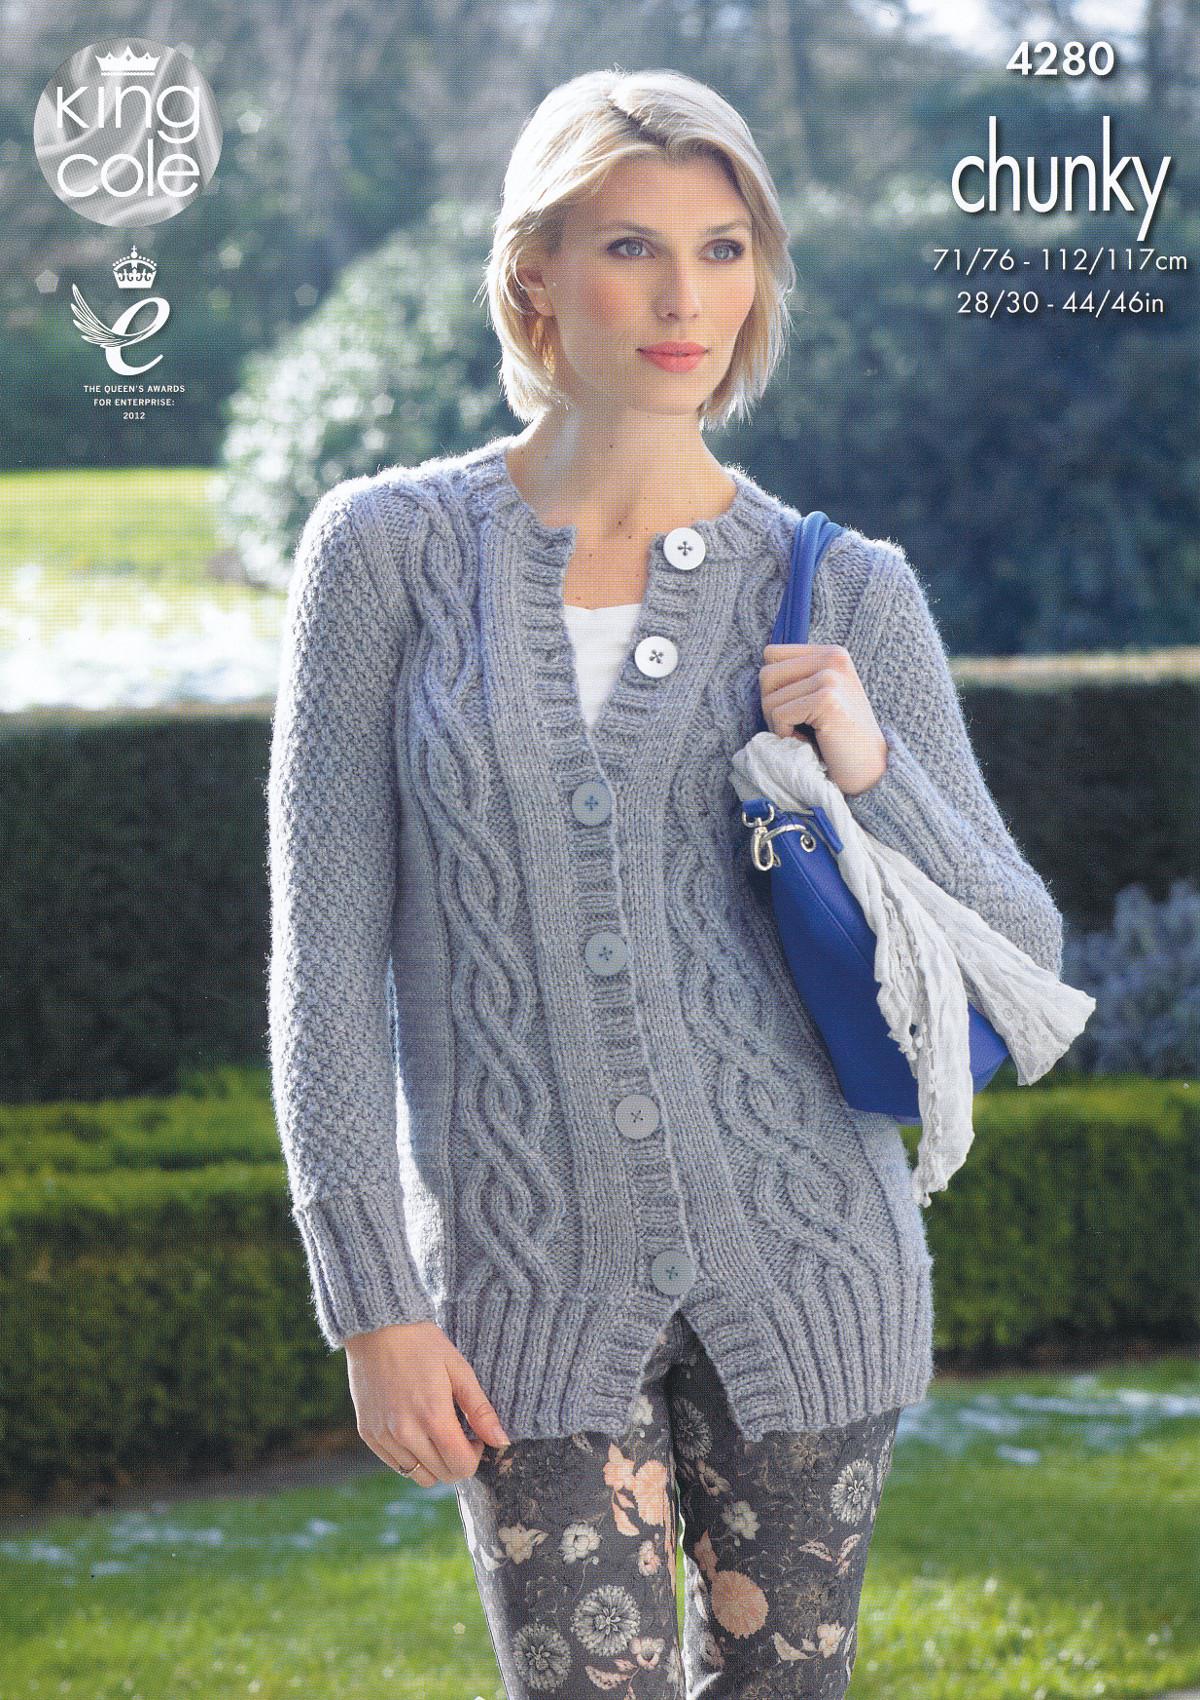 King Cole Ladies Cardigan Knitting Pattern : Womens Chunky Knitting Pattern King Cole Ladies Cable Knit Cardigan Jacket 42...